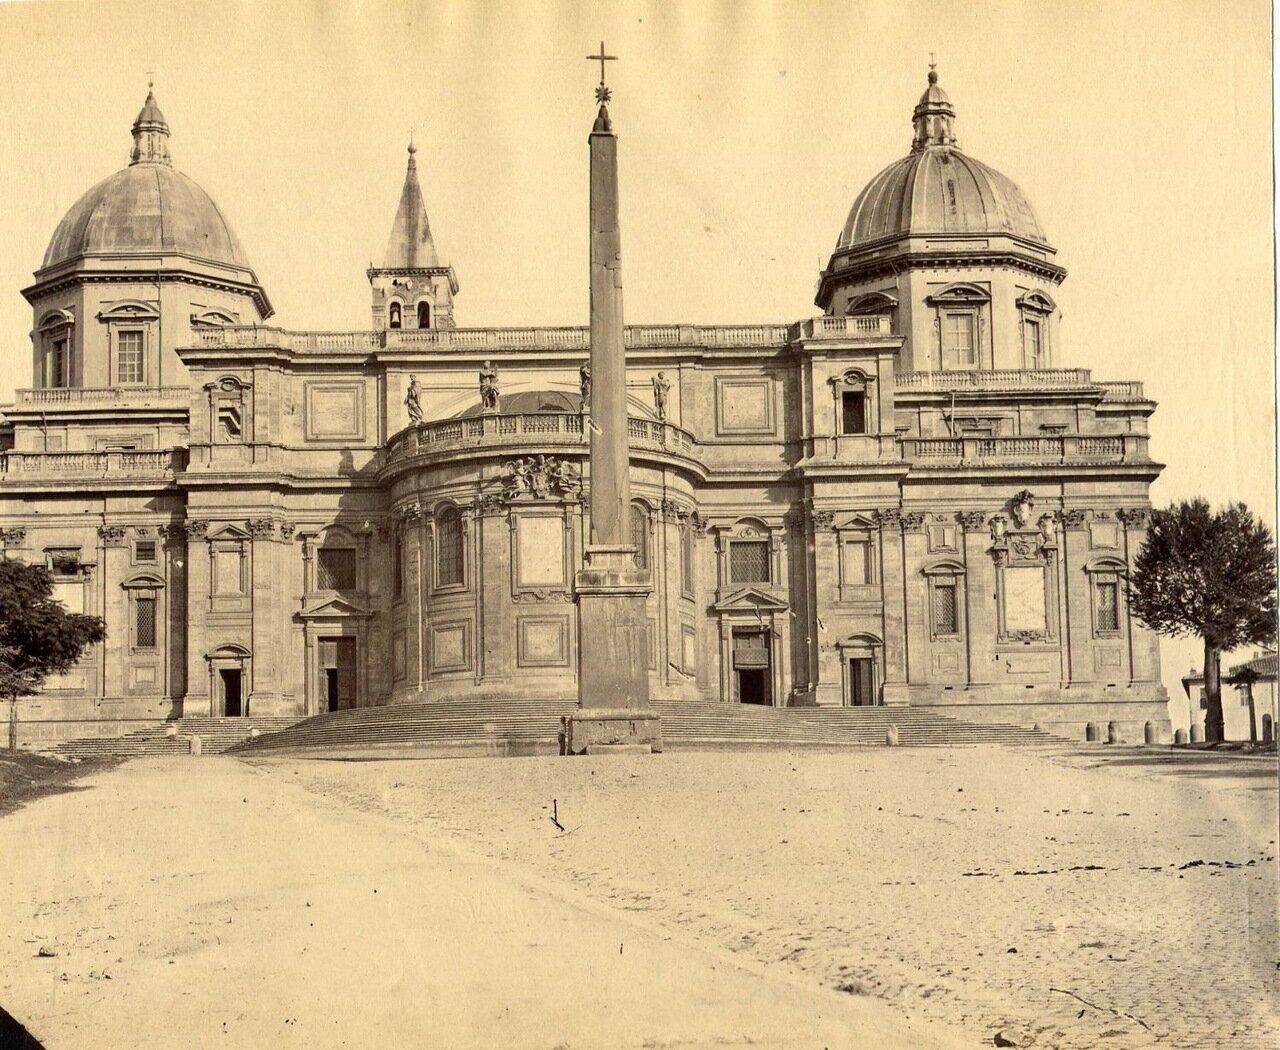 Эсквилино перед задним фасадом базилики Санта Мария Маджоре. 1880